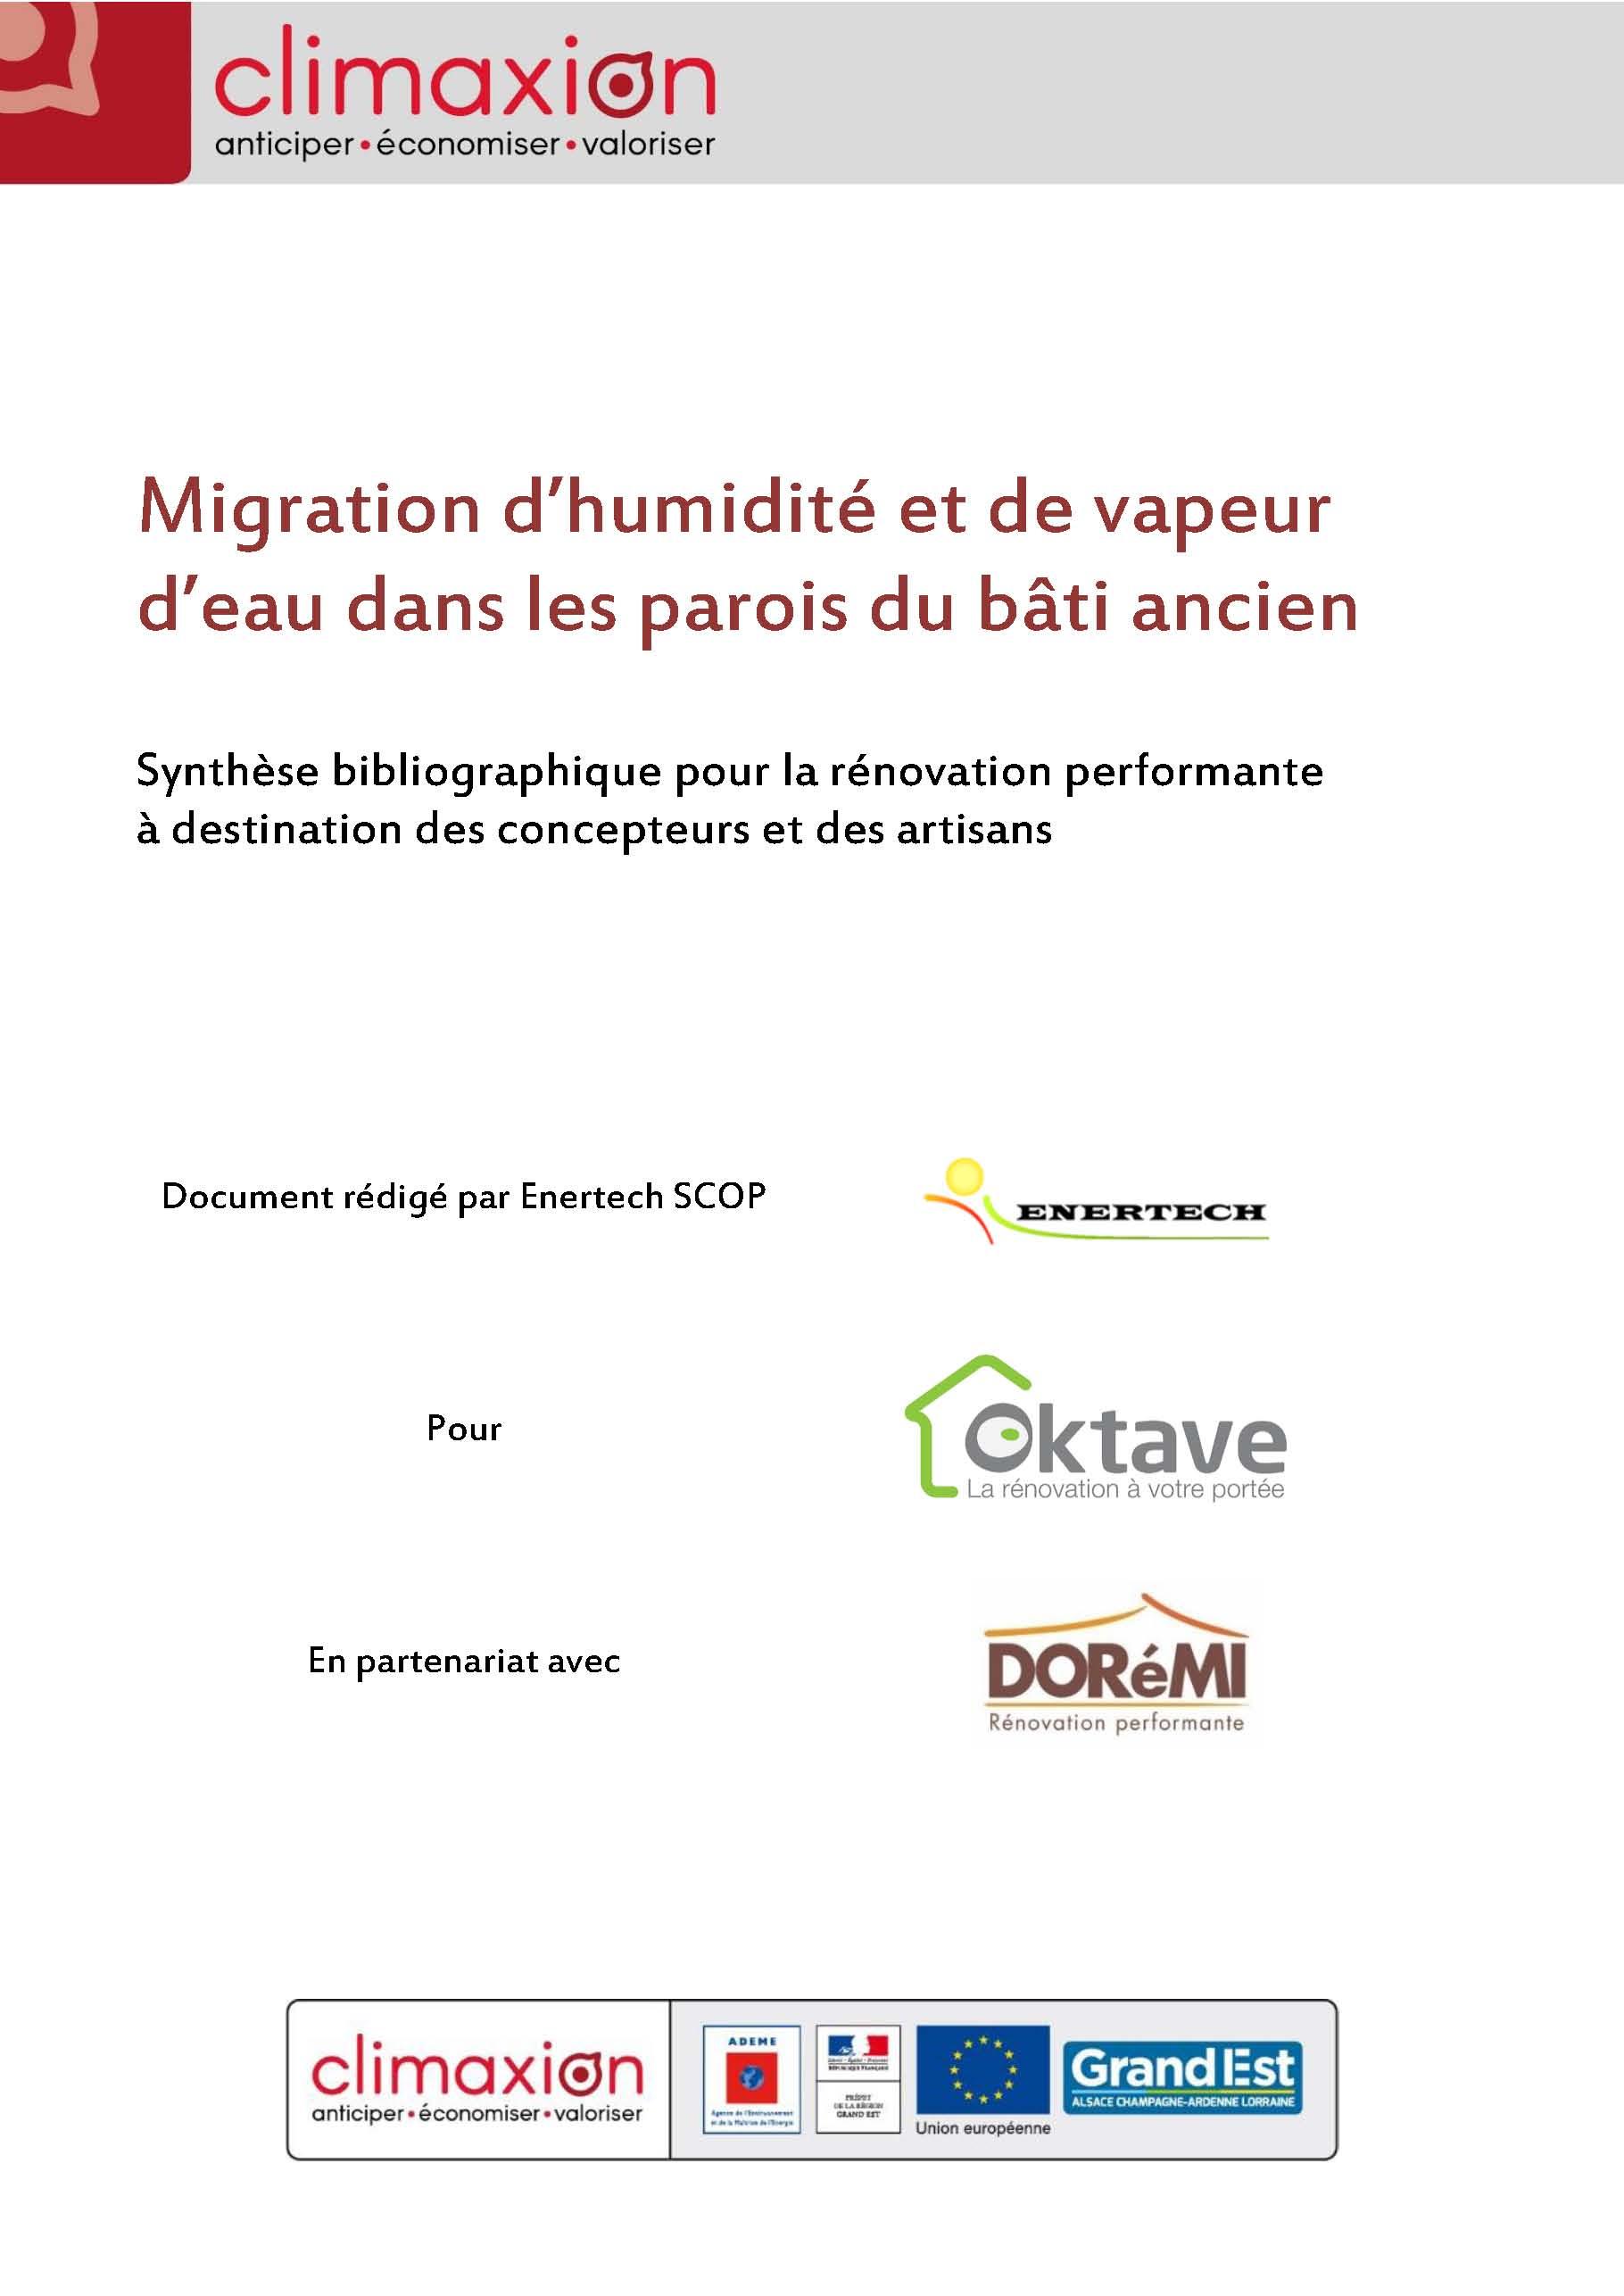 Migration d'humidite et de vapeur d'eau dans les parois du bati ancien